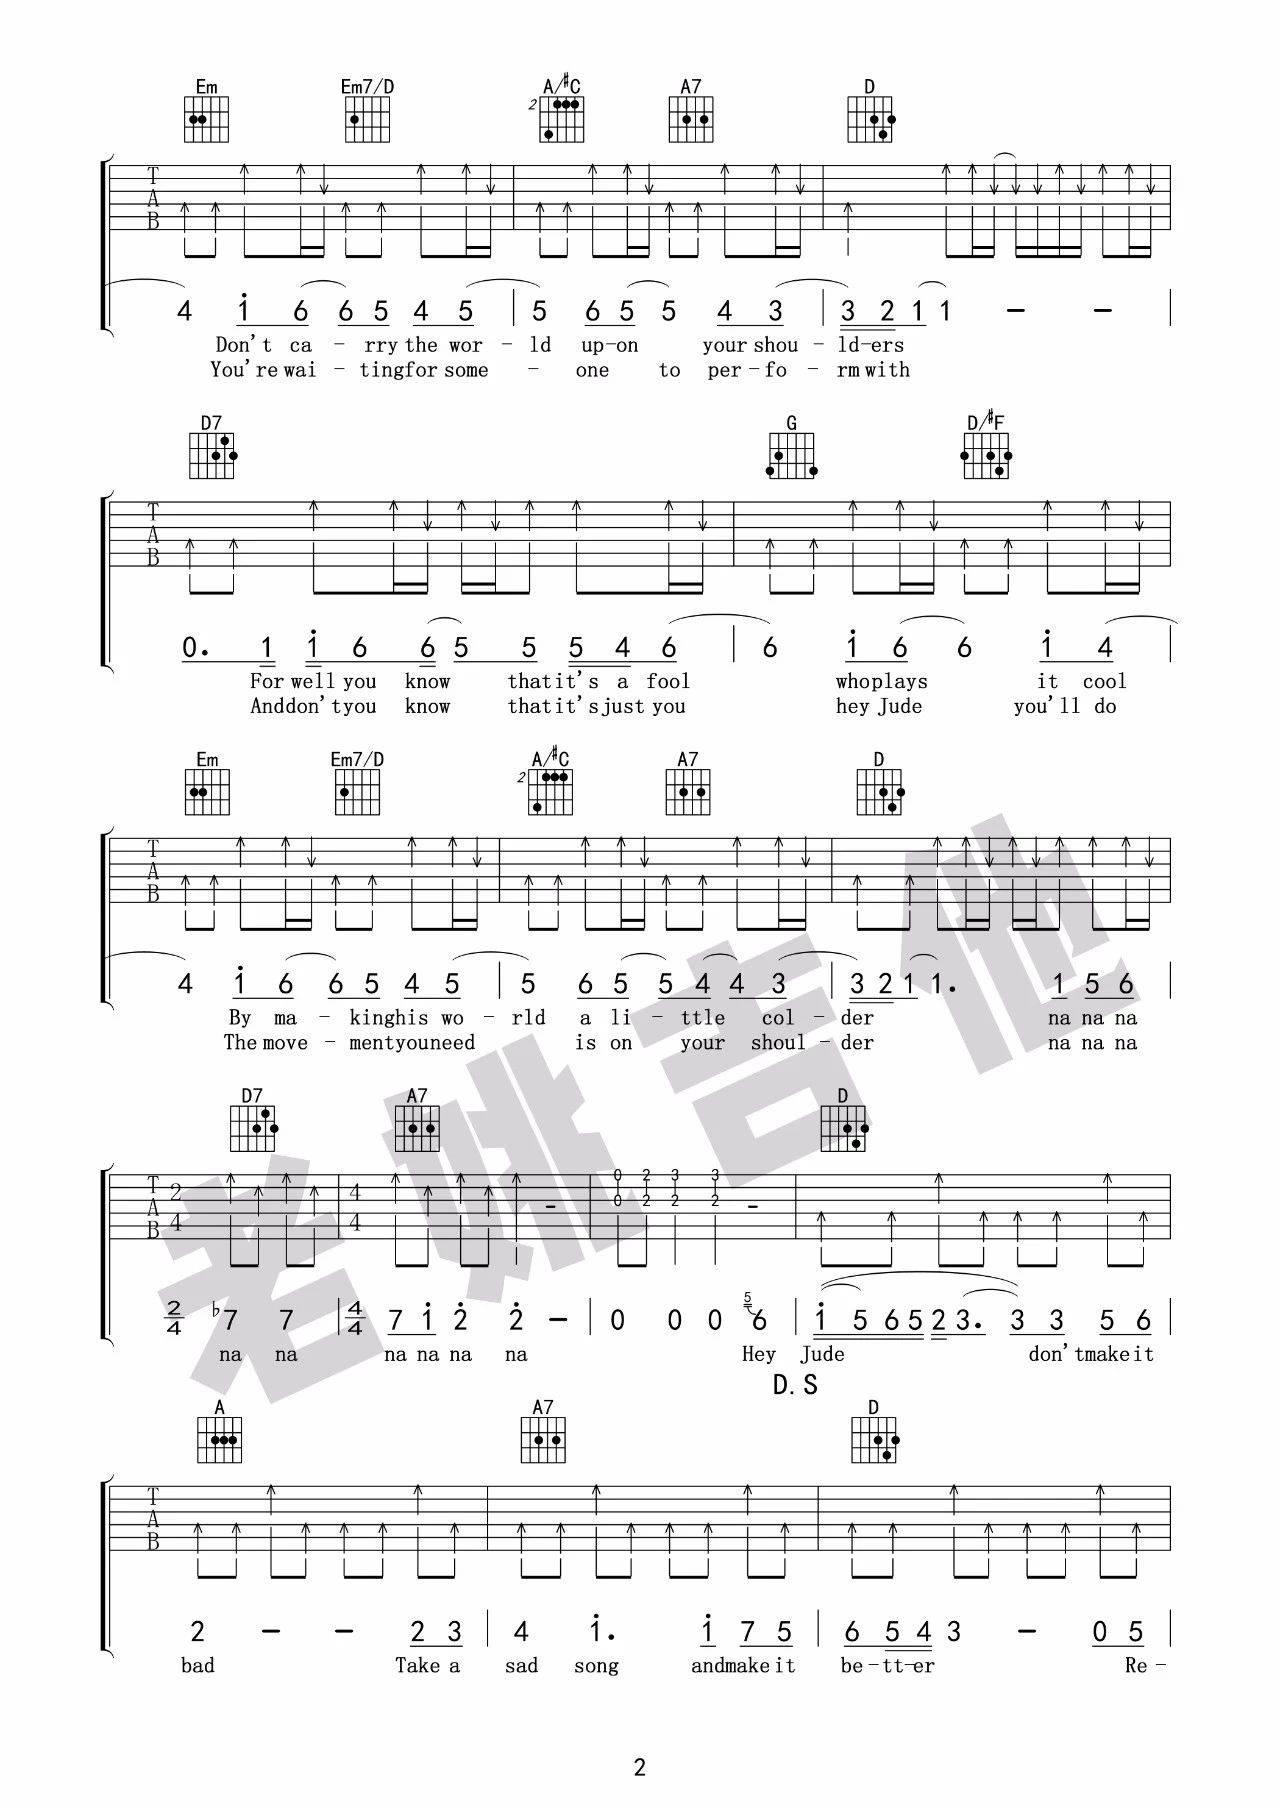 吉他派-老姚吉他-《Hey Jude》吉他谱-2